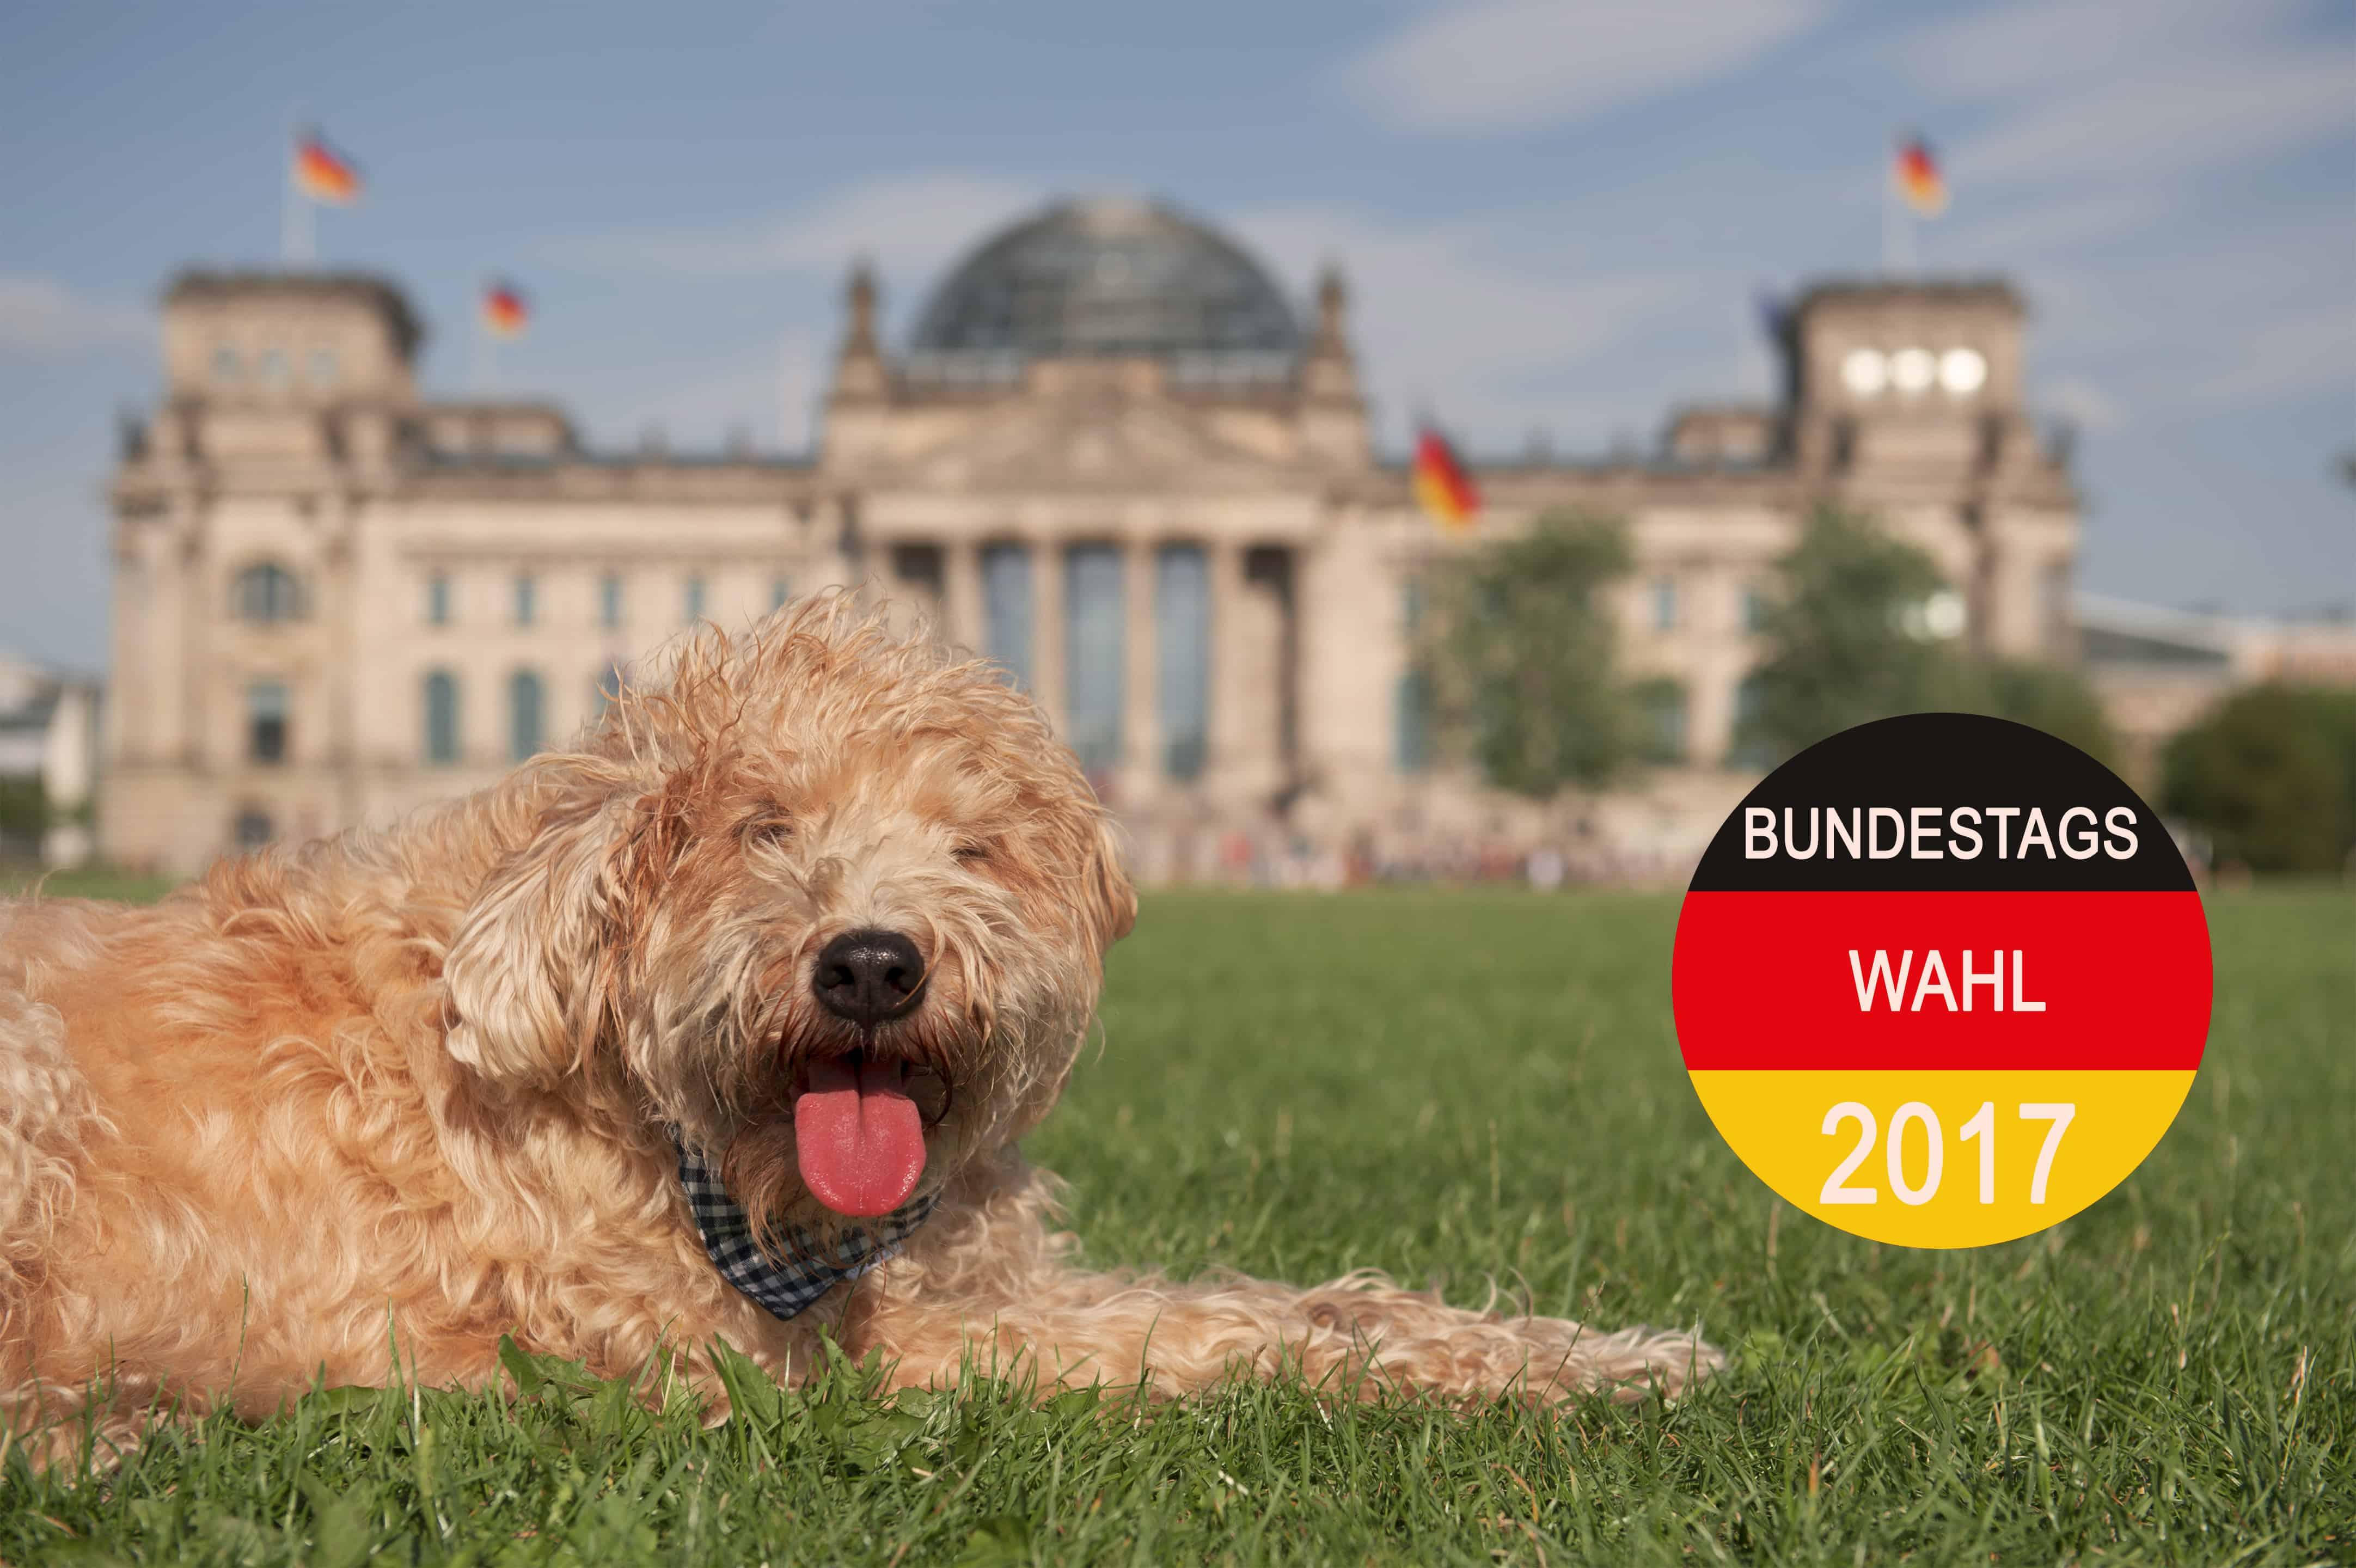 Wahlprüfsteine zur Bundestagswahl: Parteien äußern sich zur Tierhaltung 1